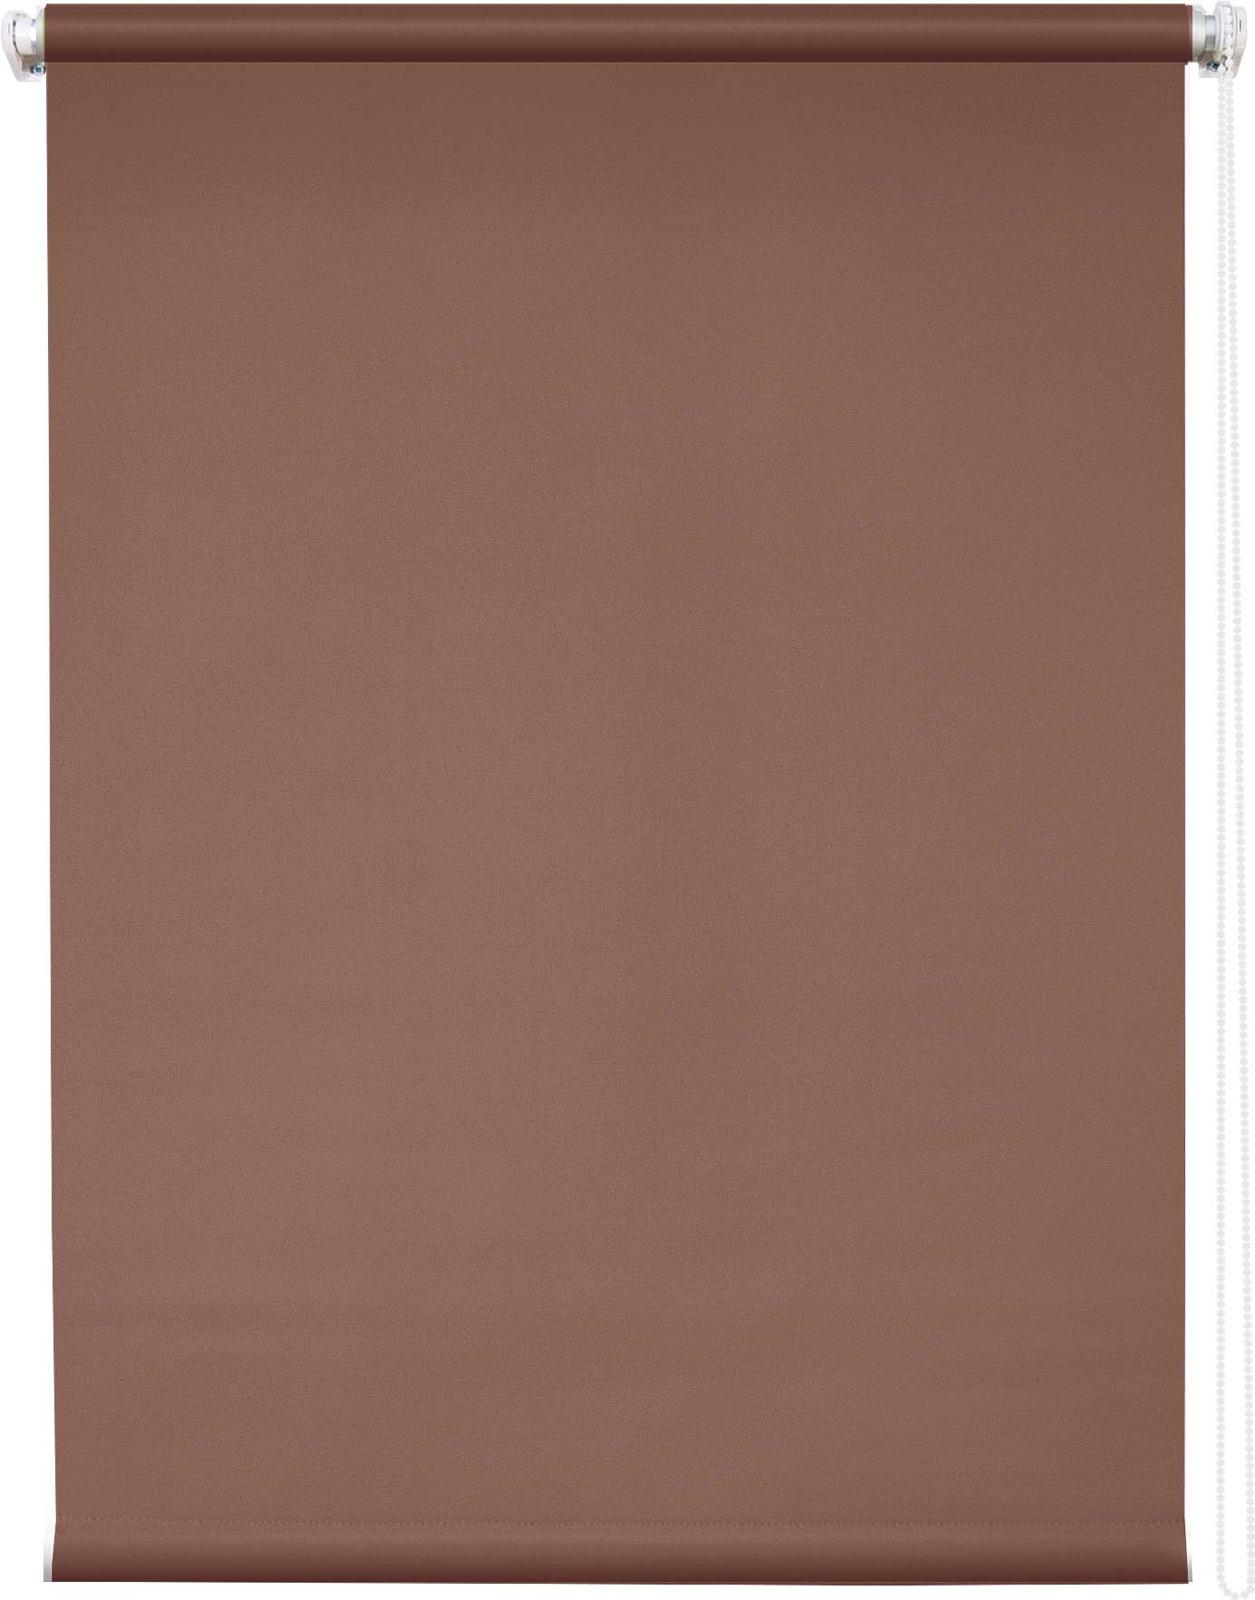 Штора рулонная Уют Плайн, коричневый, ширина 40 см, высота 175 см62.РШТО.7556.040х175Штора рулонная Уют выполнена из прочного полиэстера с обработкой специальным составом, отталкивающим пыль. Ткань не выцветает, обладает отличной цветоустойчивостью и светонепроницаемостью. Штора закрывает не весь оконный проем, а непосредственно само стекло и может фиксироваться в любом положении. Она быстро убирается и надежно защищает от посторонних взглядов. Компактность помогает сэкономить пространство. Универсальная конструкция позволяет крепить штору на раму без сверления, также можно монтировать на стену, потолок, створки, в проем, ниши, на деревянные или пластиковые рамы. В комплект входят регулируемые установочные кронштейны и набор для боковой фиксации шторы. Возможна установка с управлением цепочкой как справа, так и слева. Изделие при желании можно самостоятельно уменьшить. Такая штора станет прекрасным элементом декора окна и гармонично впишется в интерьер любого помещения.